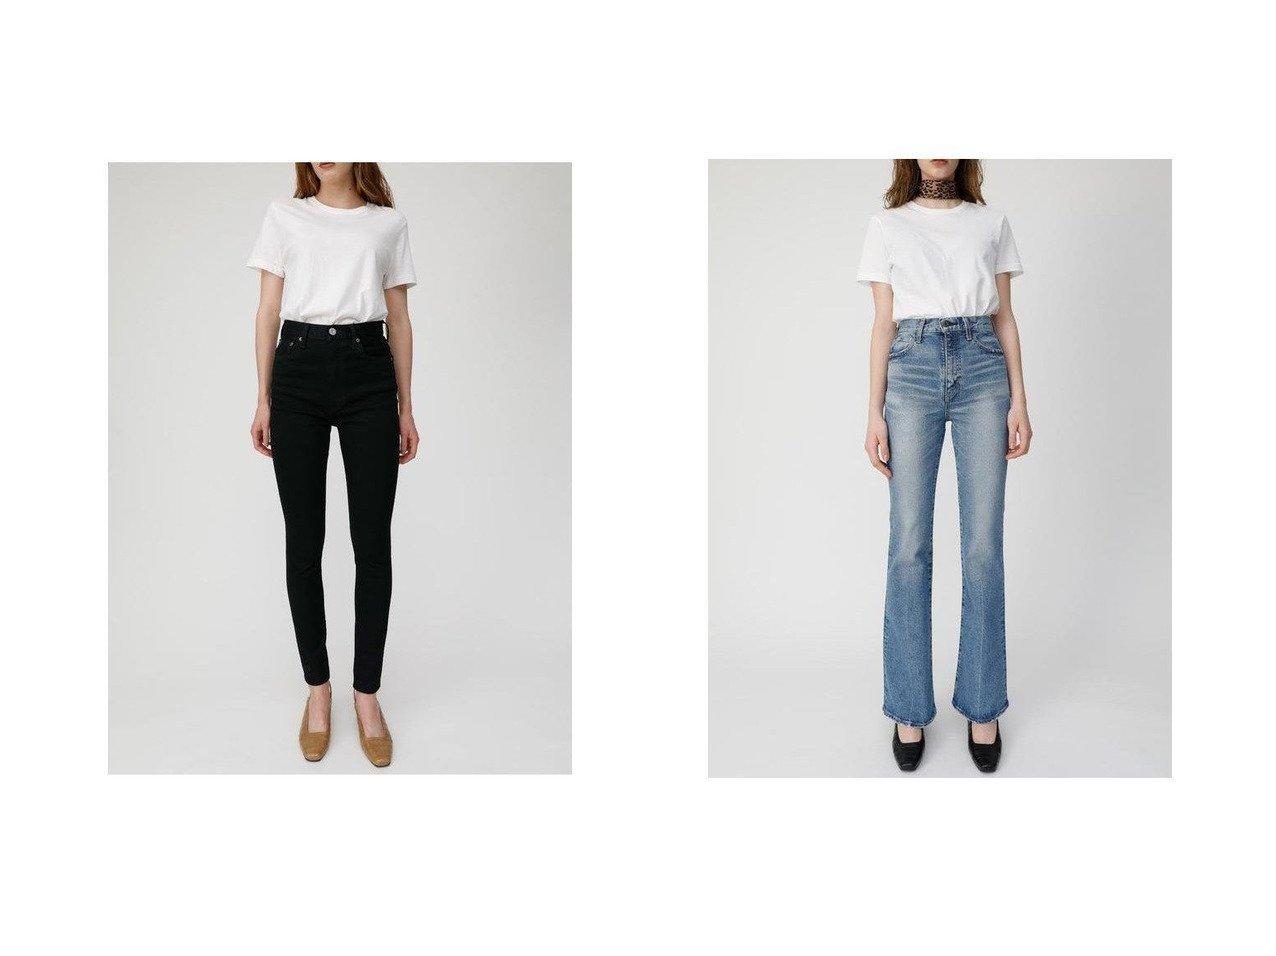 【moussy/マウジー】のMVS FLARE(L)&HW Rebirth BLACK SKINNY パンツのおすすめ!人気、トレンド・レディースファッションの通販 おすすめで人気の流行・トレンド、ファッションの通販商品 メンズファッション・キッズファッション・インテリア・家具・レディースファッション・服の通販 founy(ファニー) https://founy.com/ ファッション Fashion レディースファッション WOMEN パンツ Pants デニムパンツ Denim Pants シンプル スキニー ストレッチ デニム パフォーマンス 再入荷 Restock/Back in Stock/Re Arrival コンパクト ジップアップ ダメージ フレア ポケット ロング  ID:crp329100000022430